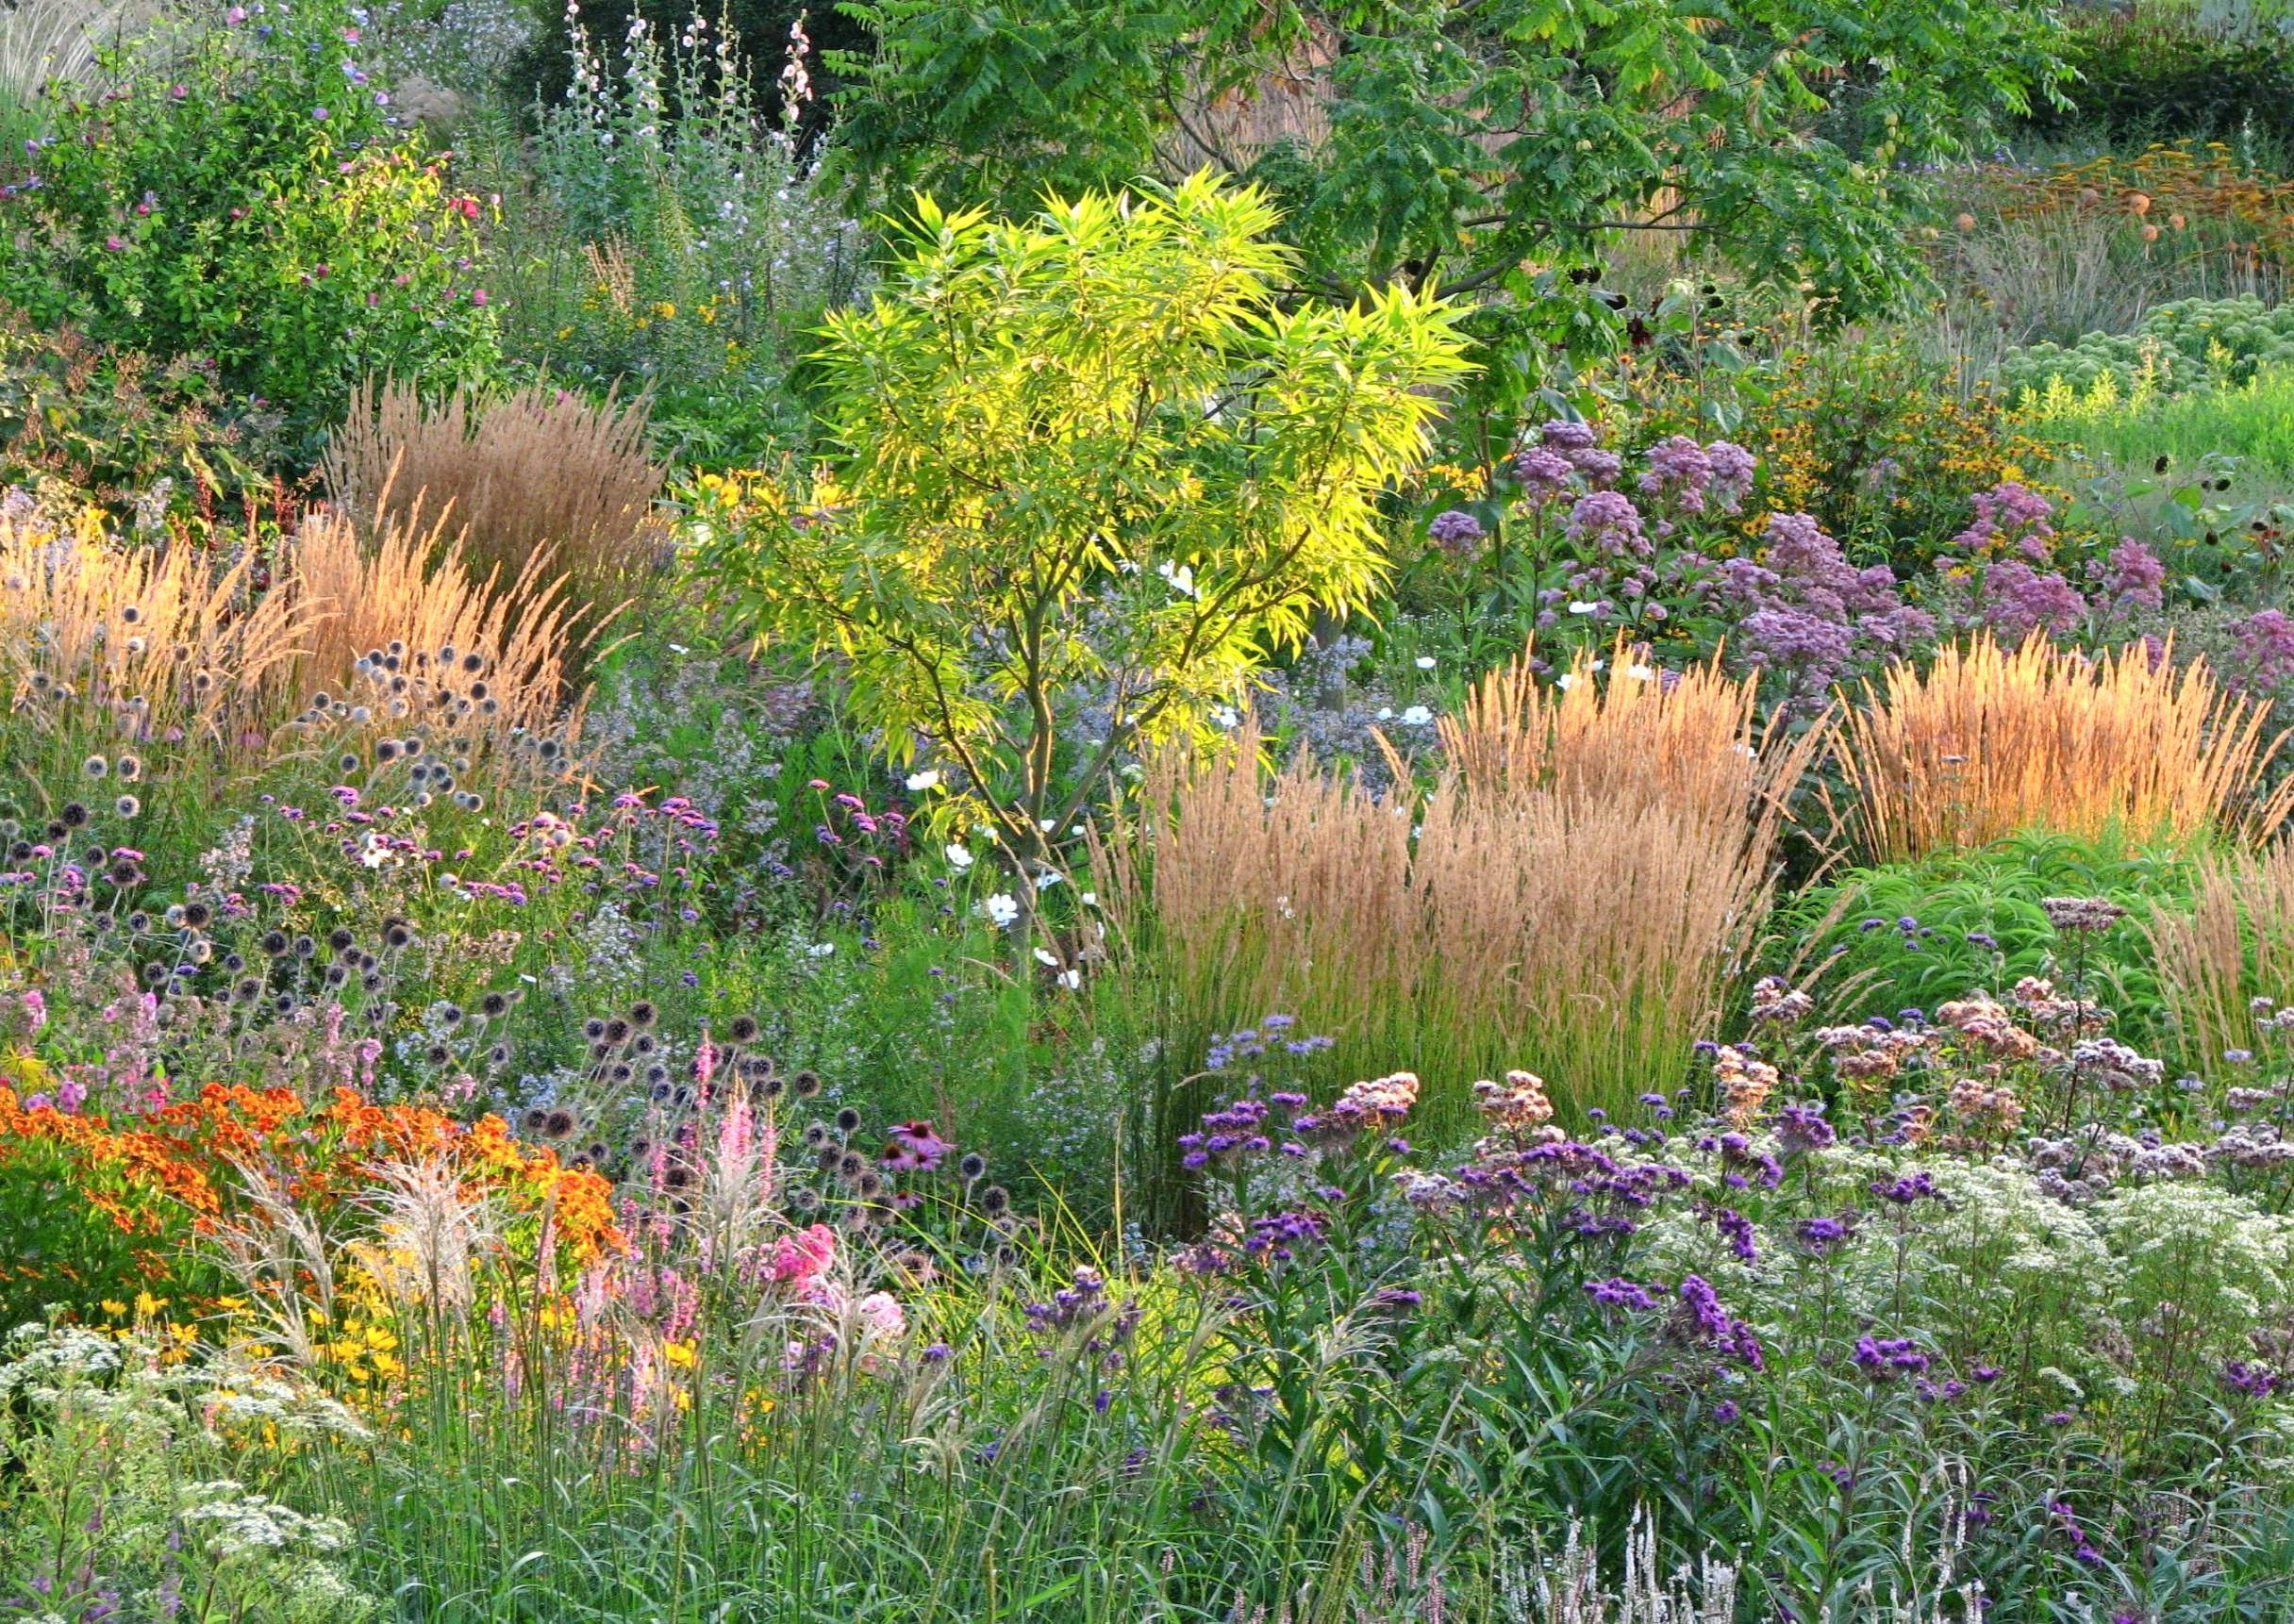 Wenn andere Pflanzen schlapp machen, bringen Präriepflanzen Farbe in den Garten: Etwa das europäische Sandrohrgras, kombiniert mit hohen Präriestauden wie Vernonie, Sonnenbraut und Purpurdost. Fotos: dpa